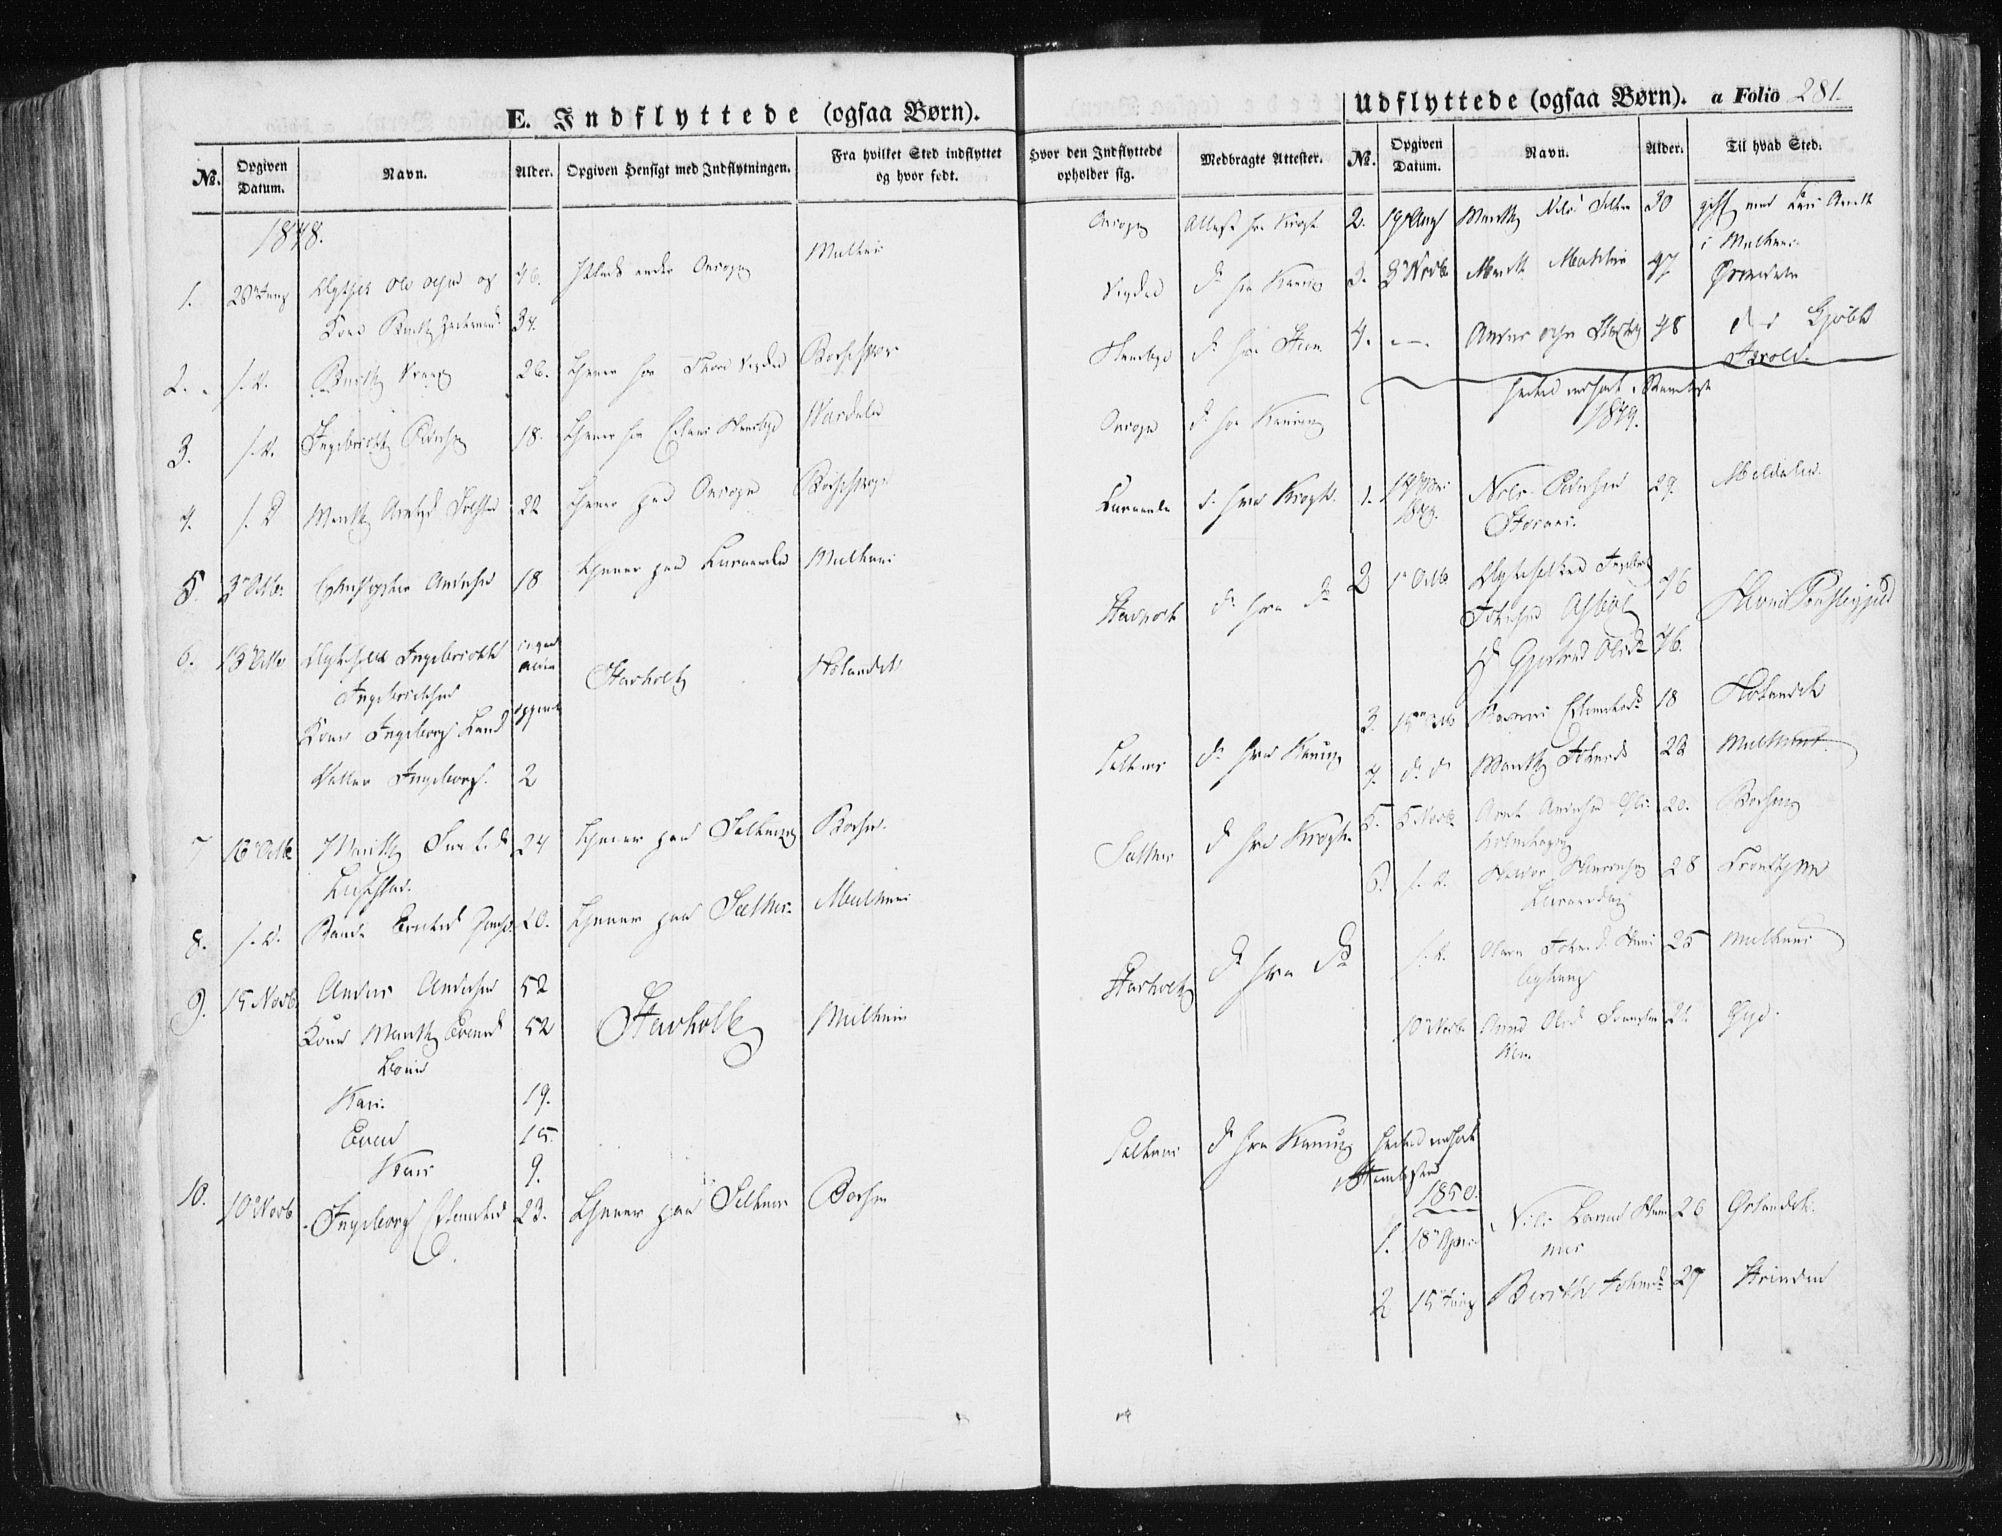 SAT, Ministerialprotokoller, klokkerbøker og fødselsregistre - Sør-Trøndelag, 612/L0376: Ministerialbok nr. 612A08, 1846-1859, s. 281